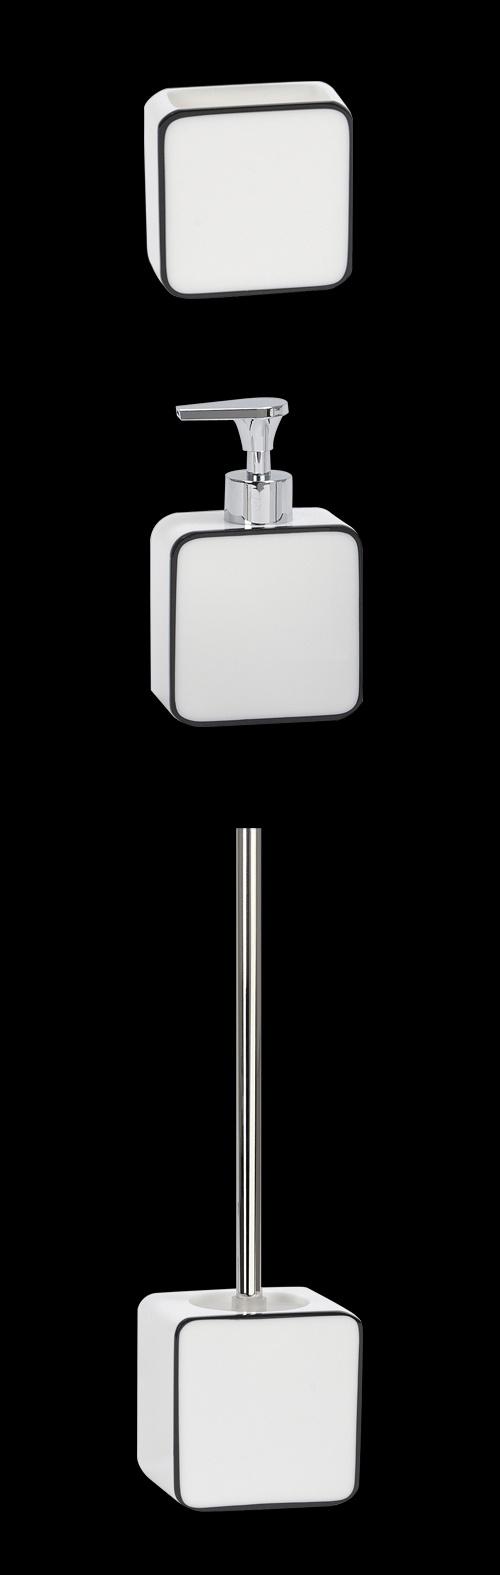 Accesorios De Baño Delta:Serie de accesorios de baño en color blanco